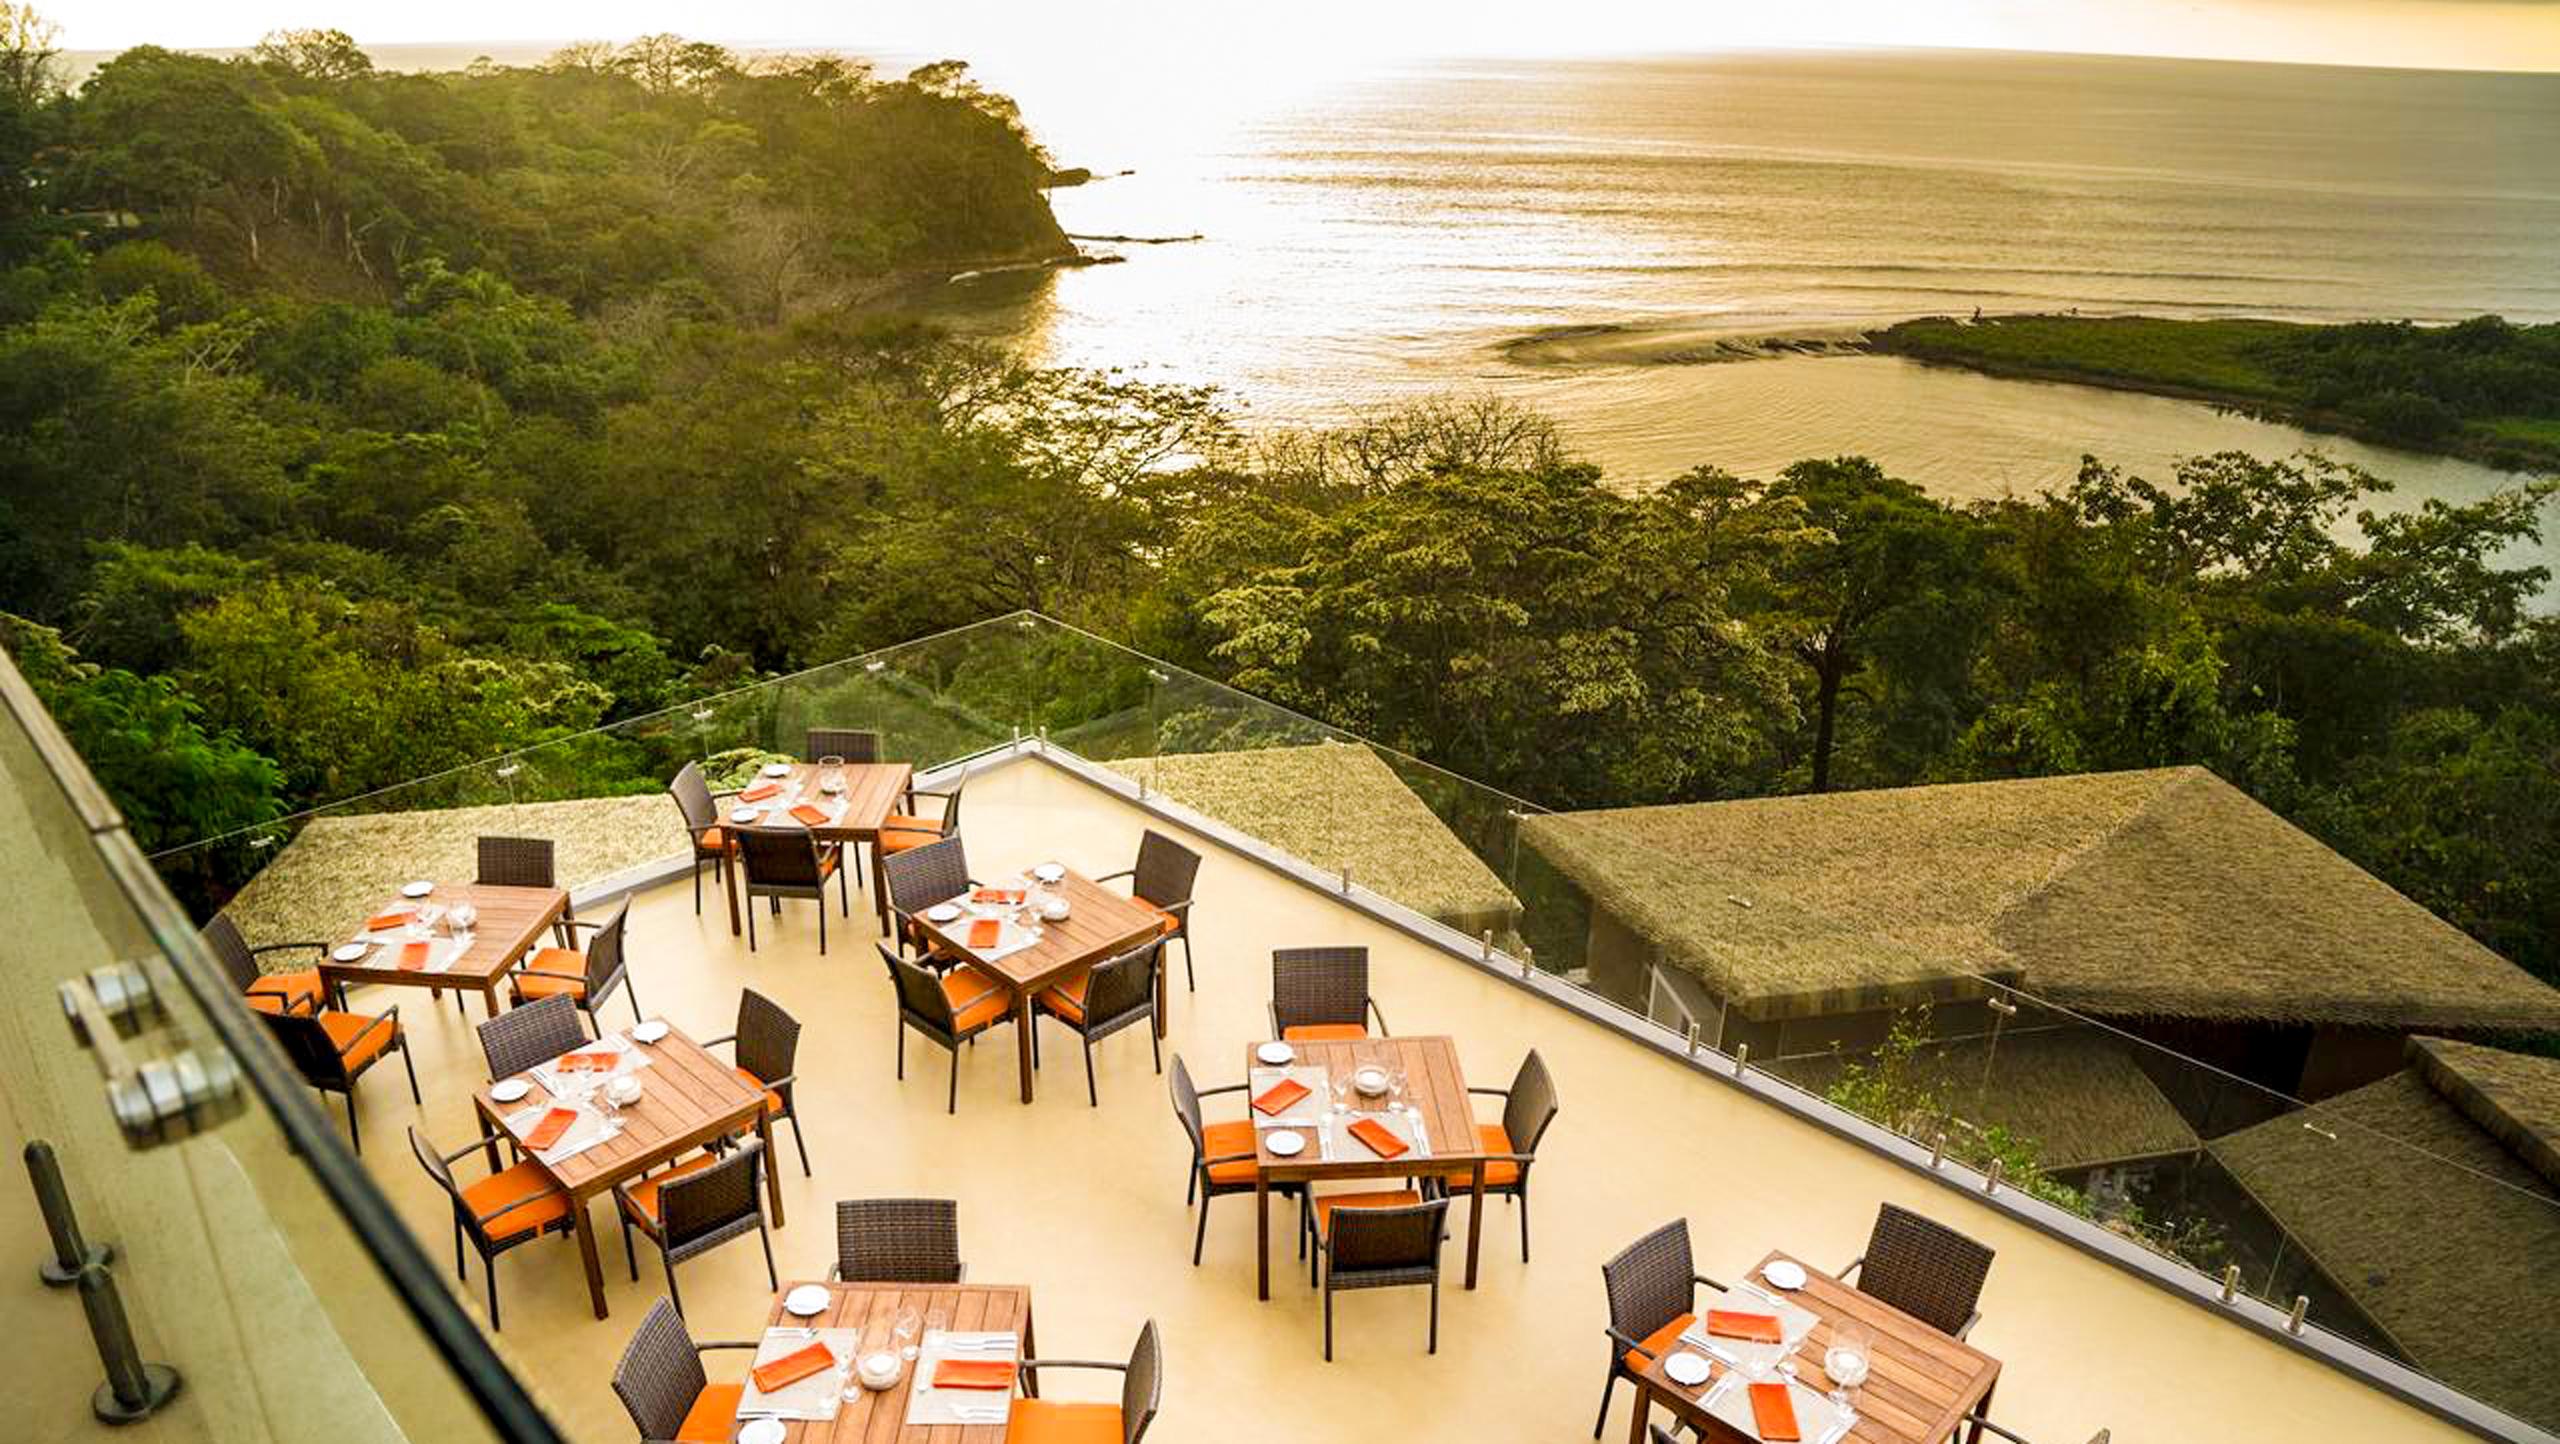 Costa Rica's North Pacific Beaches